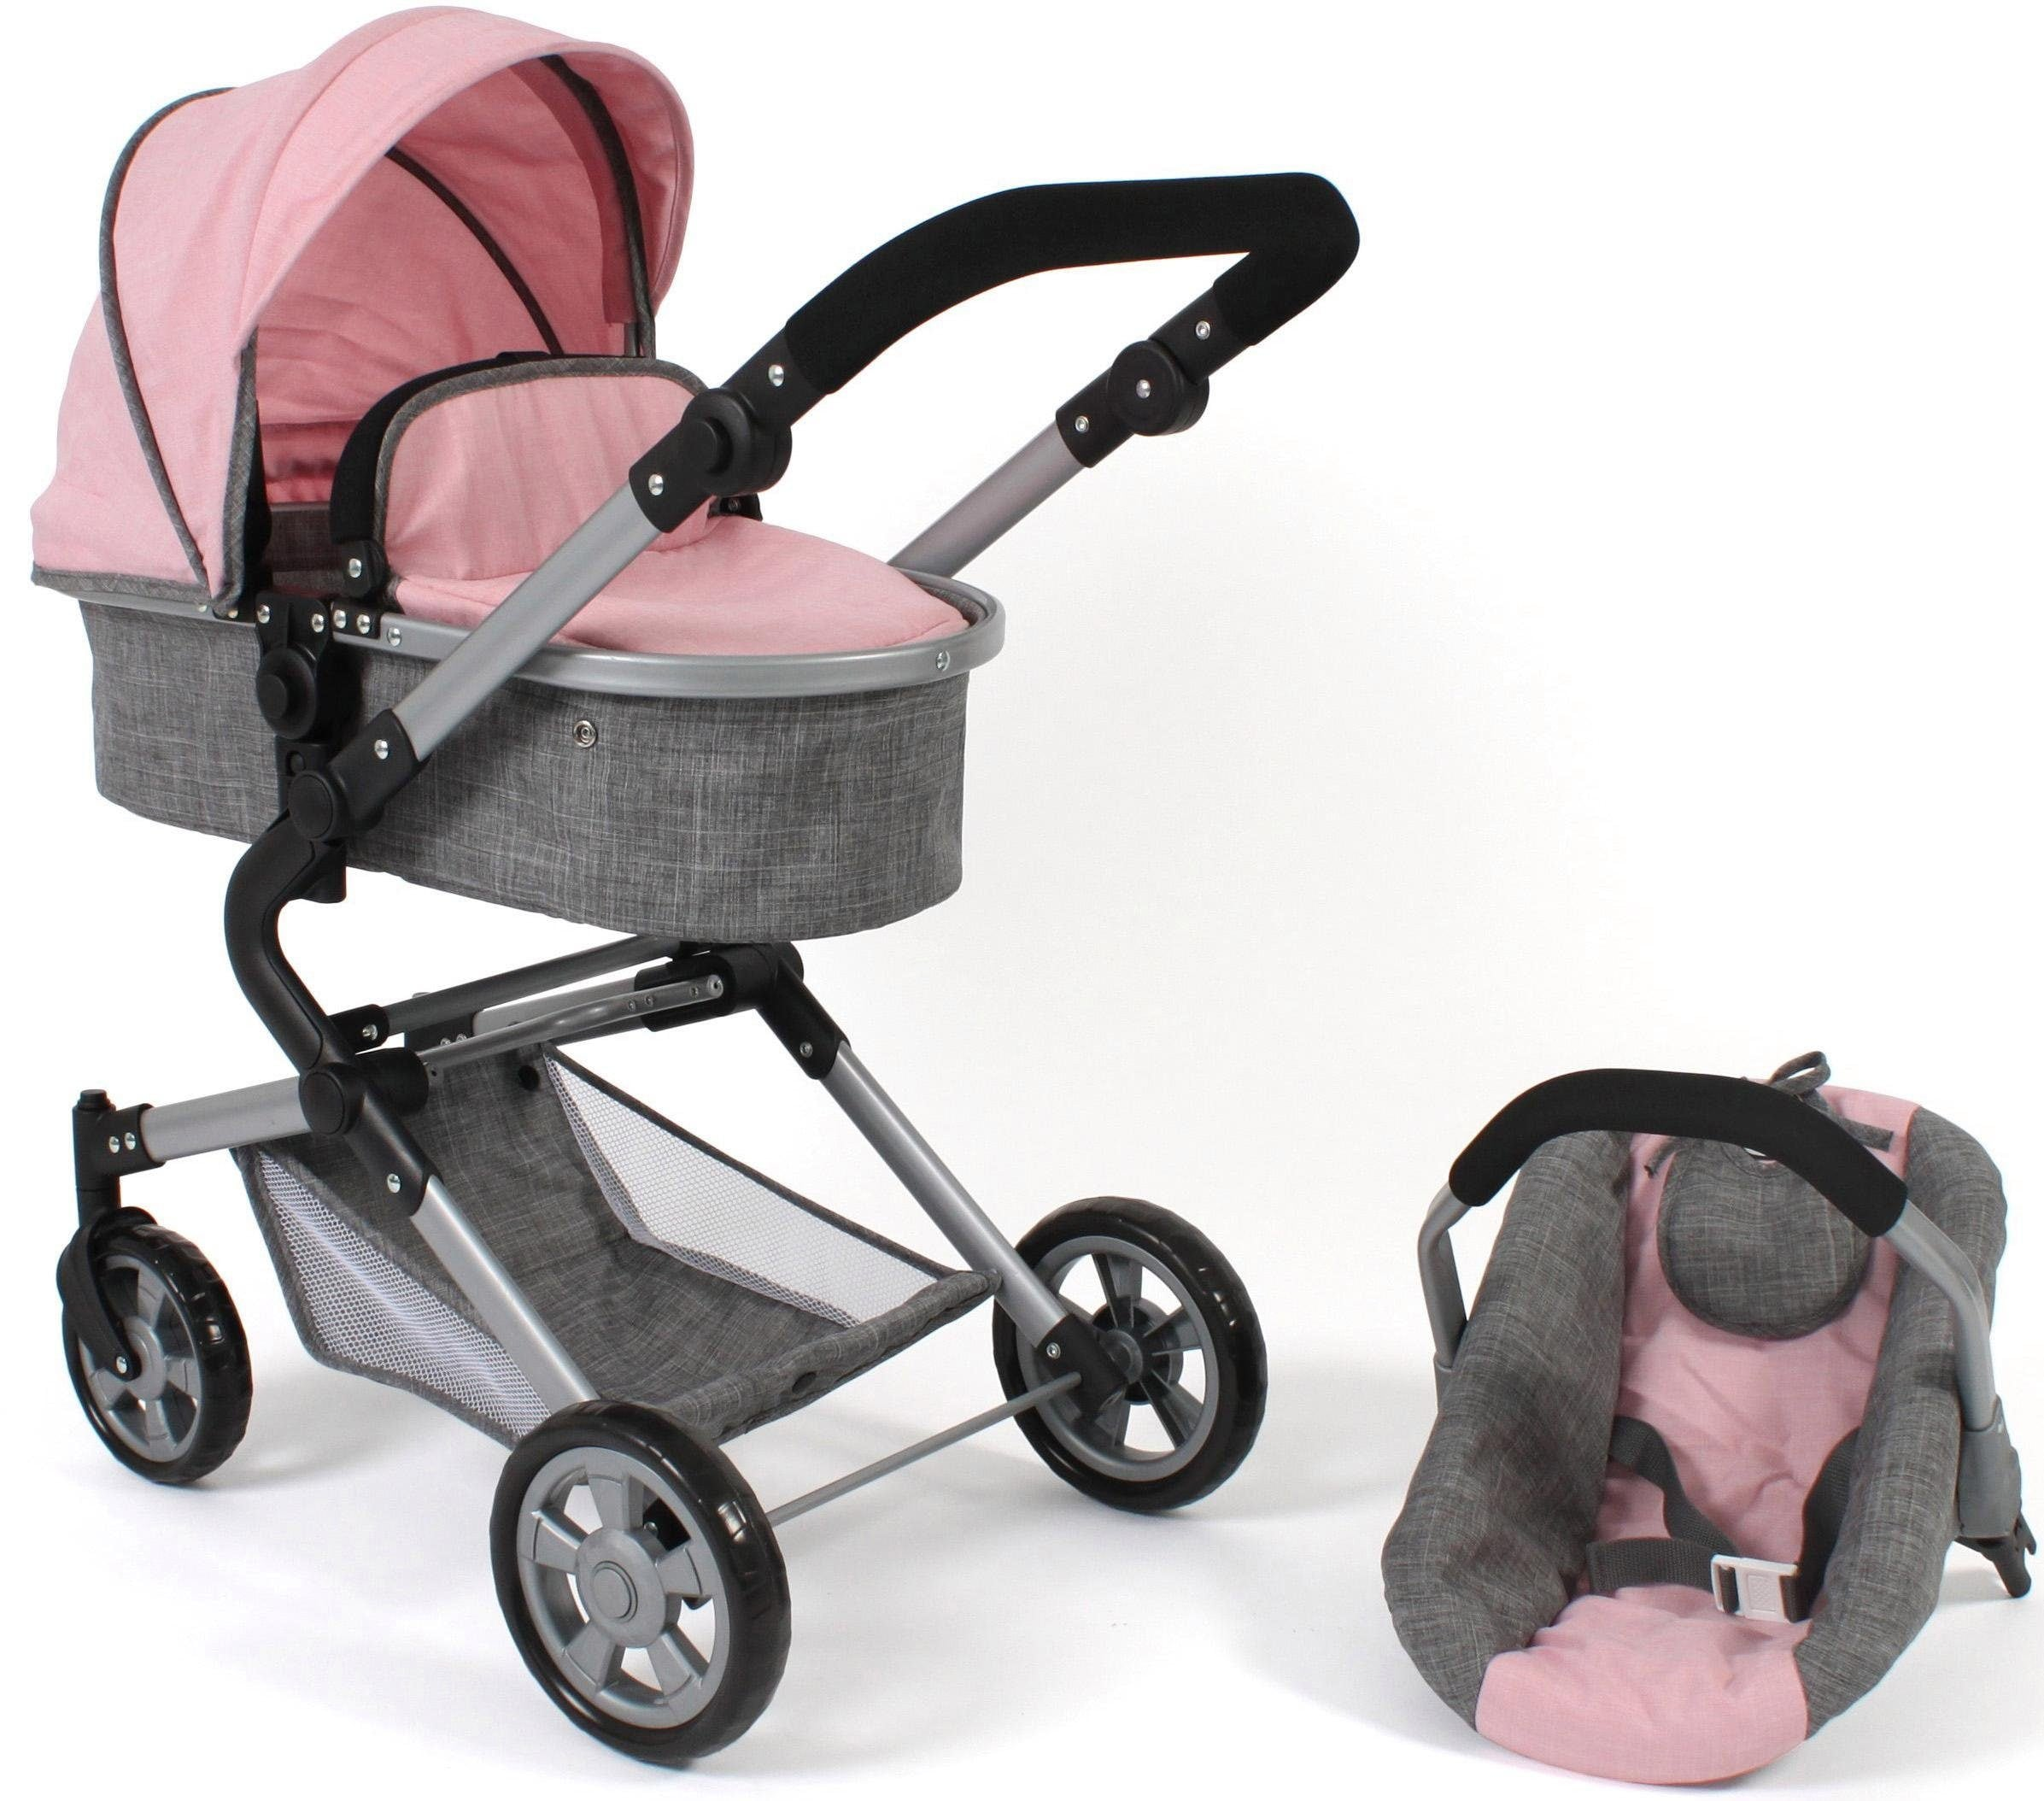 CHIC2000 Kombi-Puppenwagen Lia, grau-rosa, mit Puppen-Autositz rosa Kinder Puppenzubehör Puppen